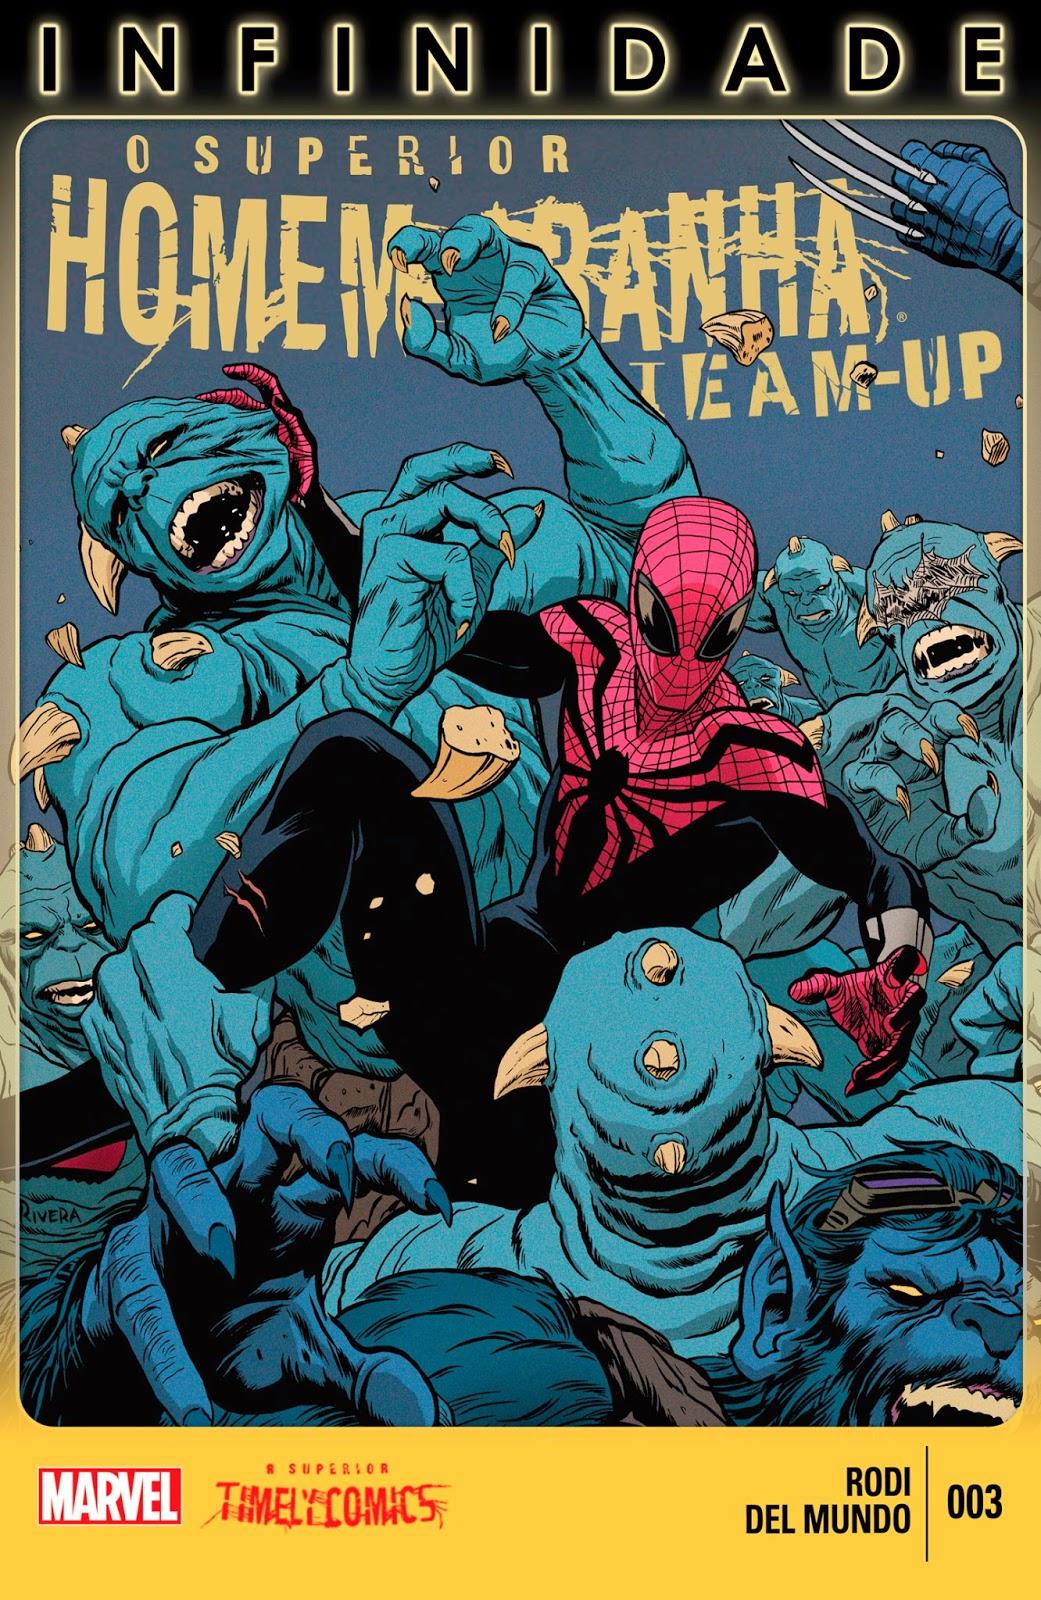 Nova Marvel! O Superior Homem-Aranha - Team Up #3